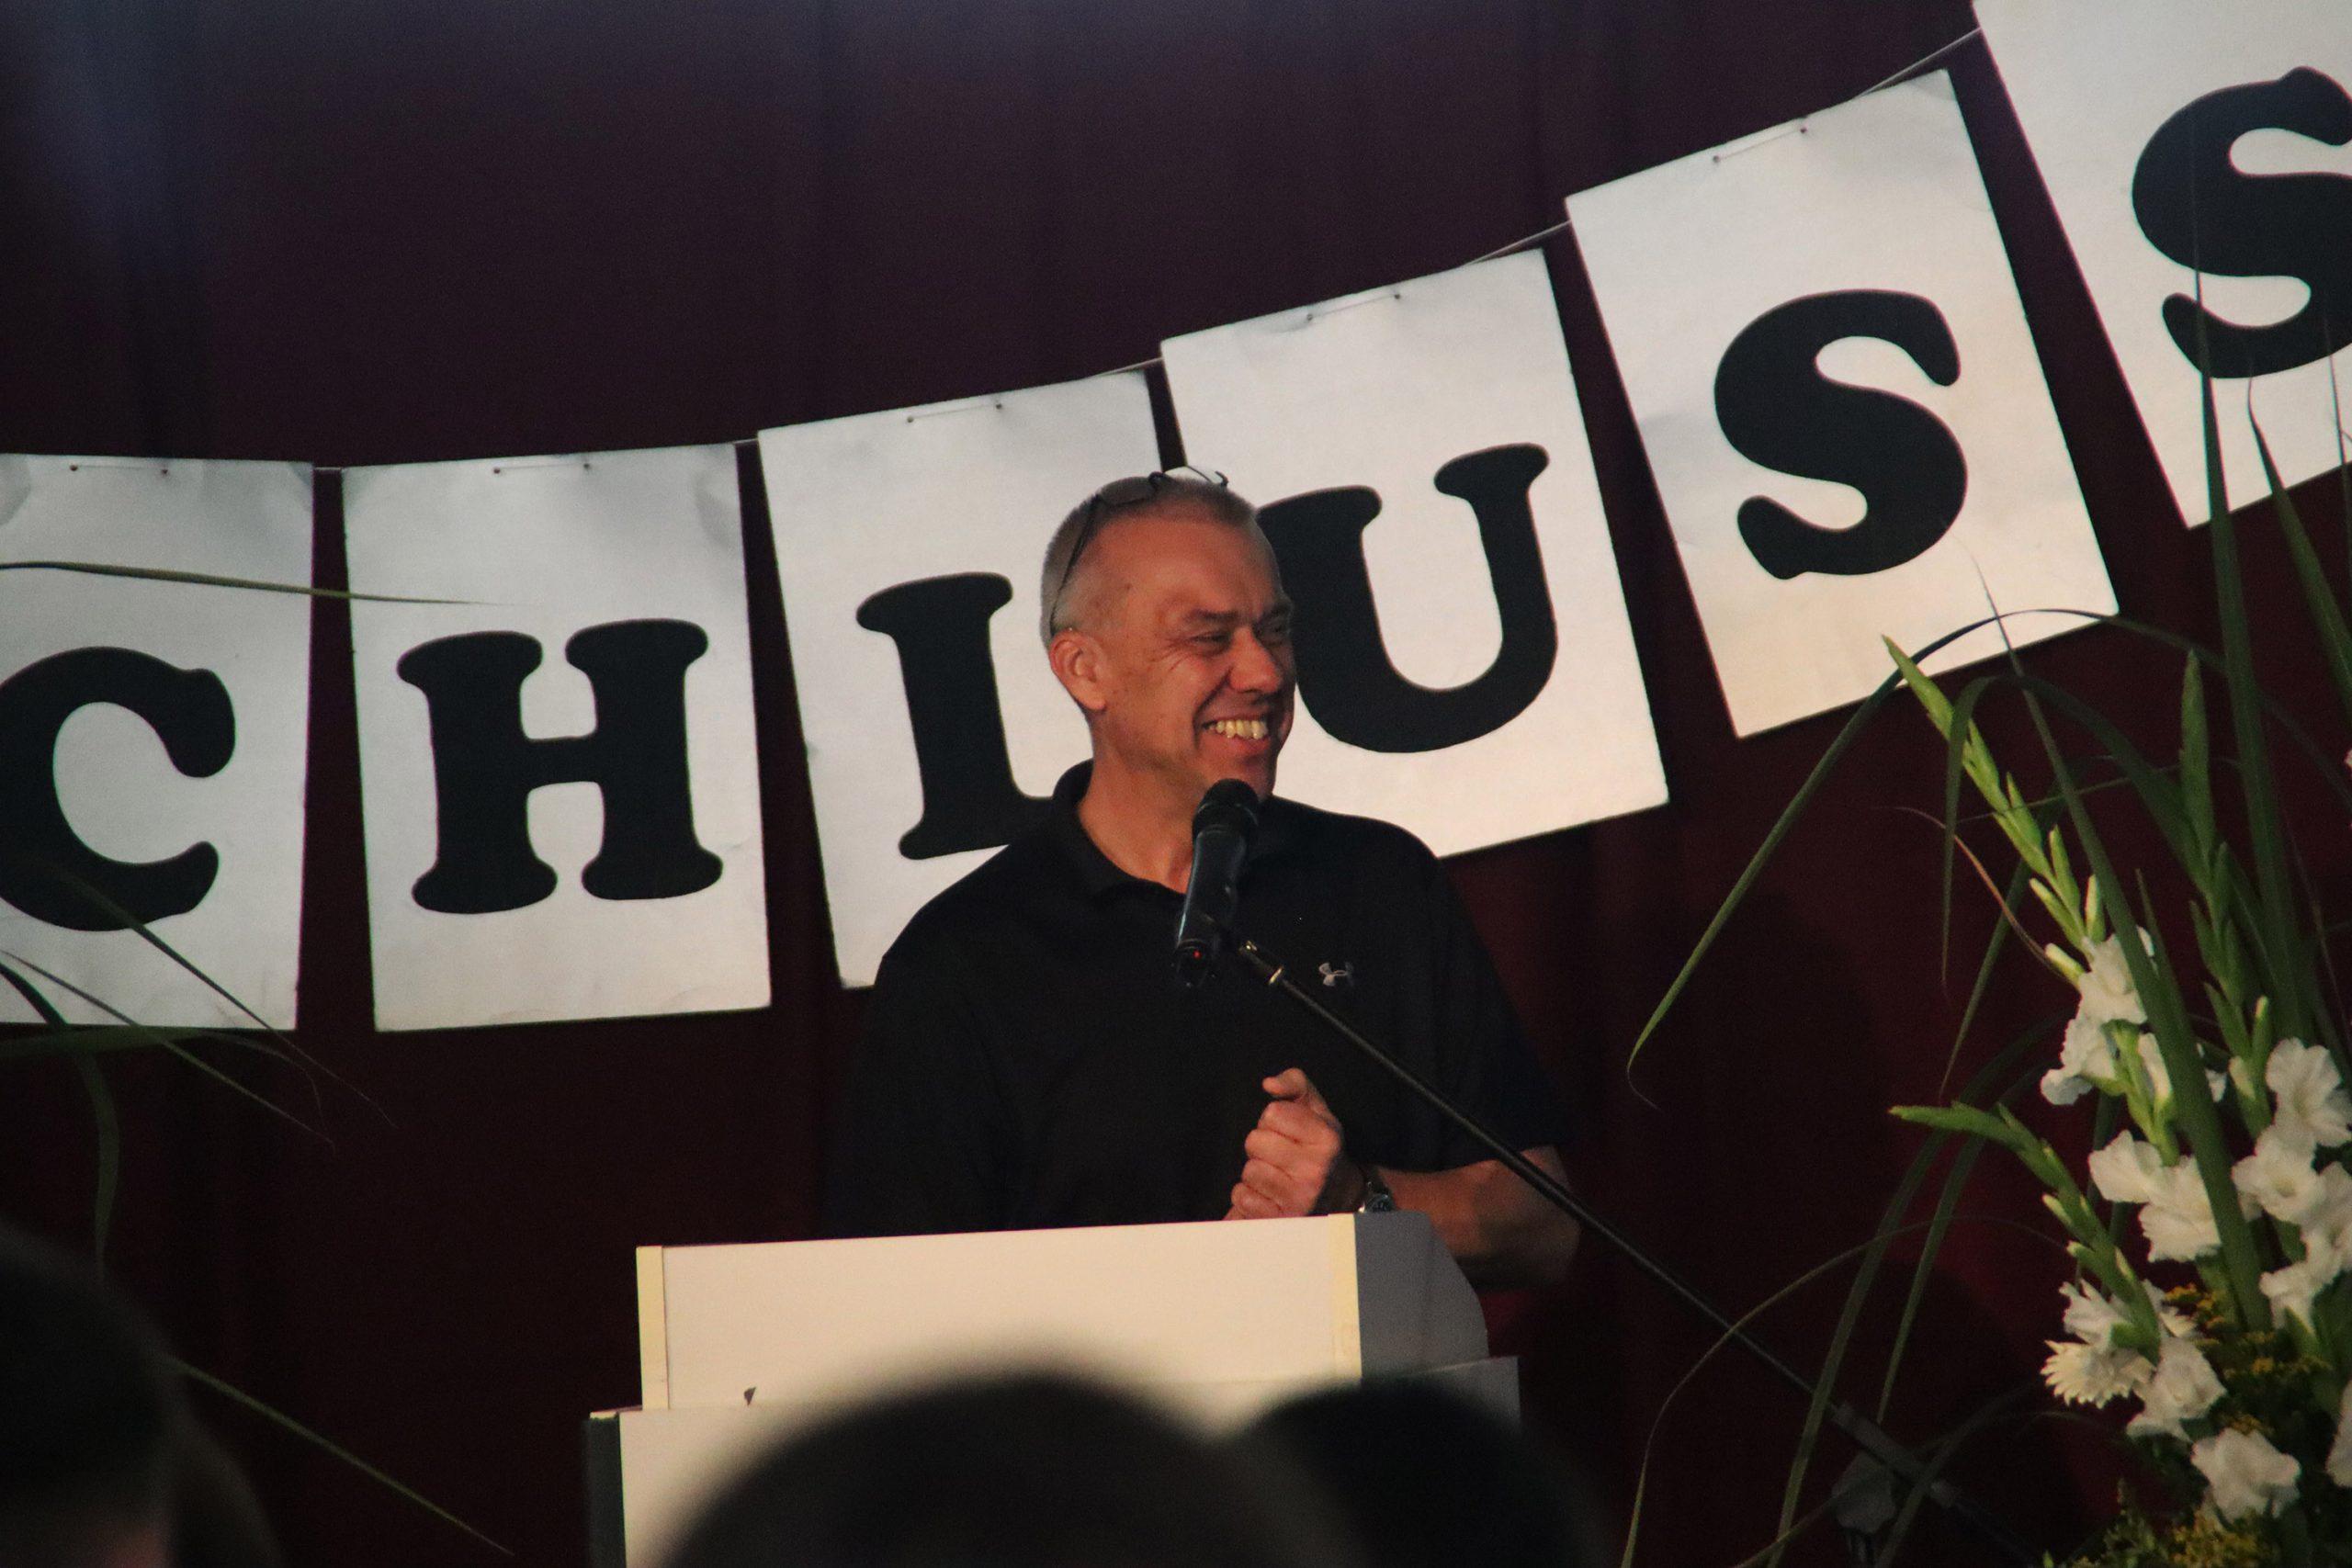 Die letzte Rede hielt Herr Klees...